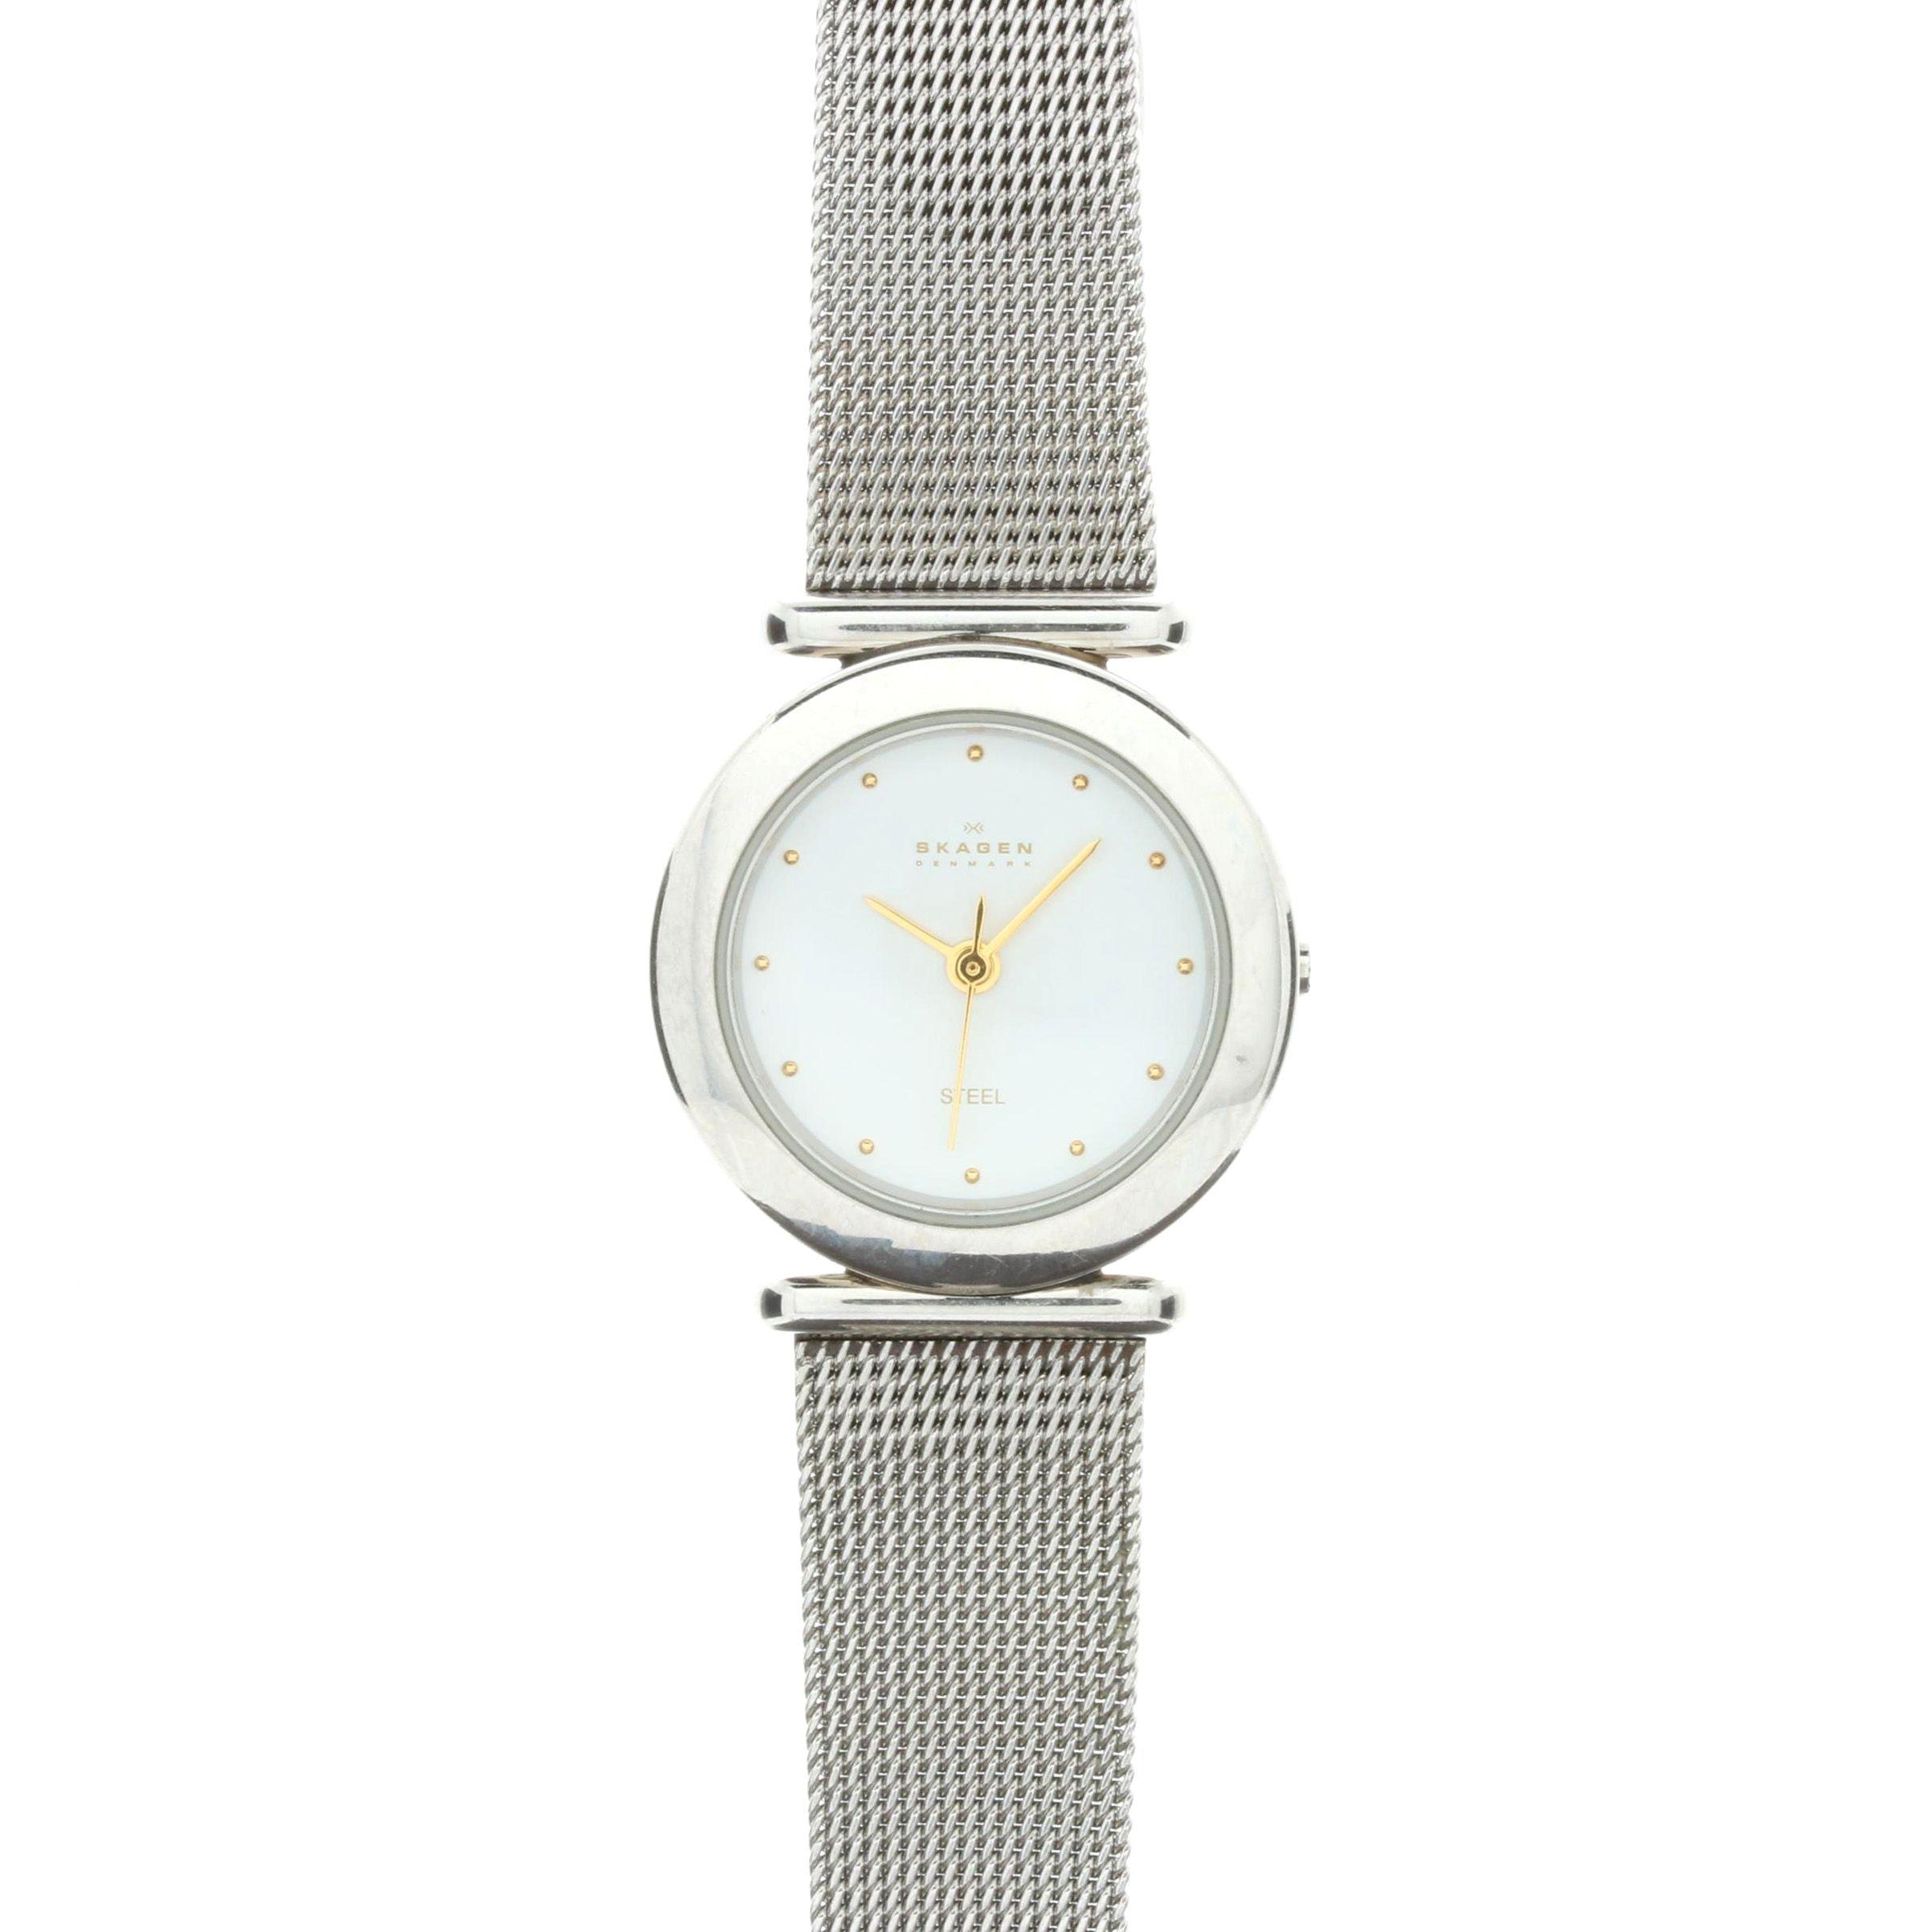 Silver Tone Skagen Wristwatch